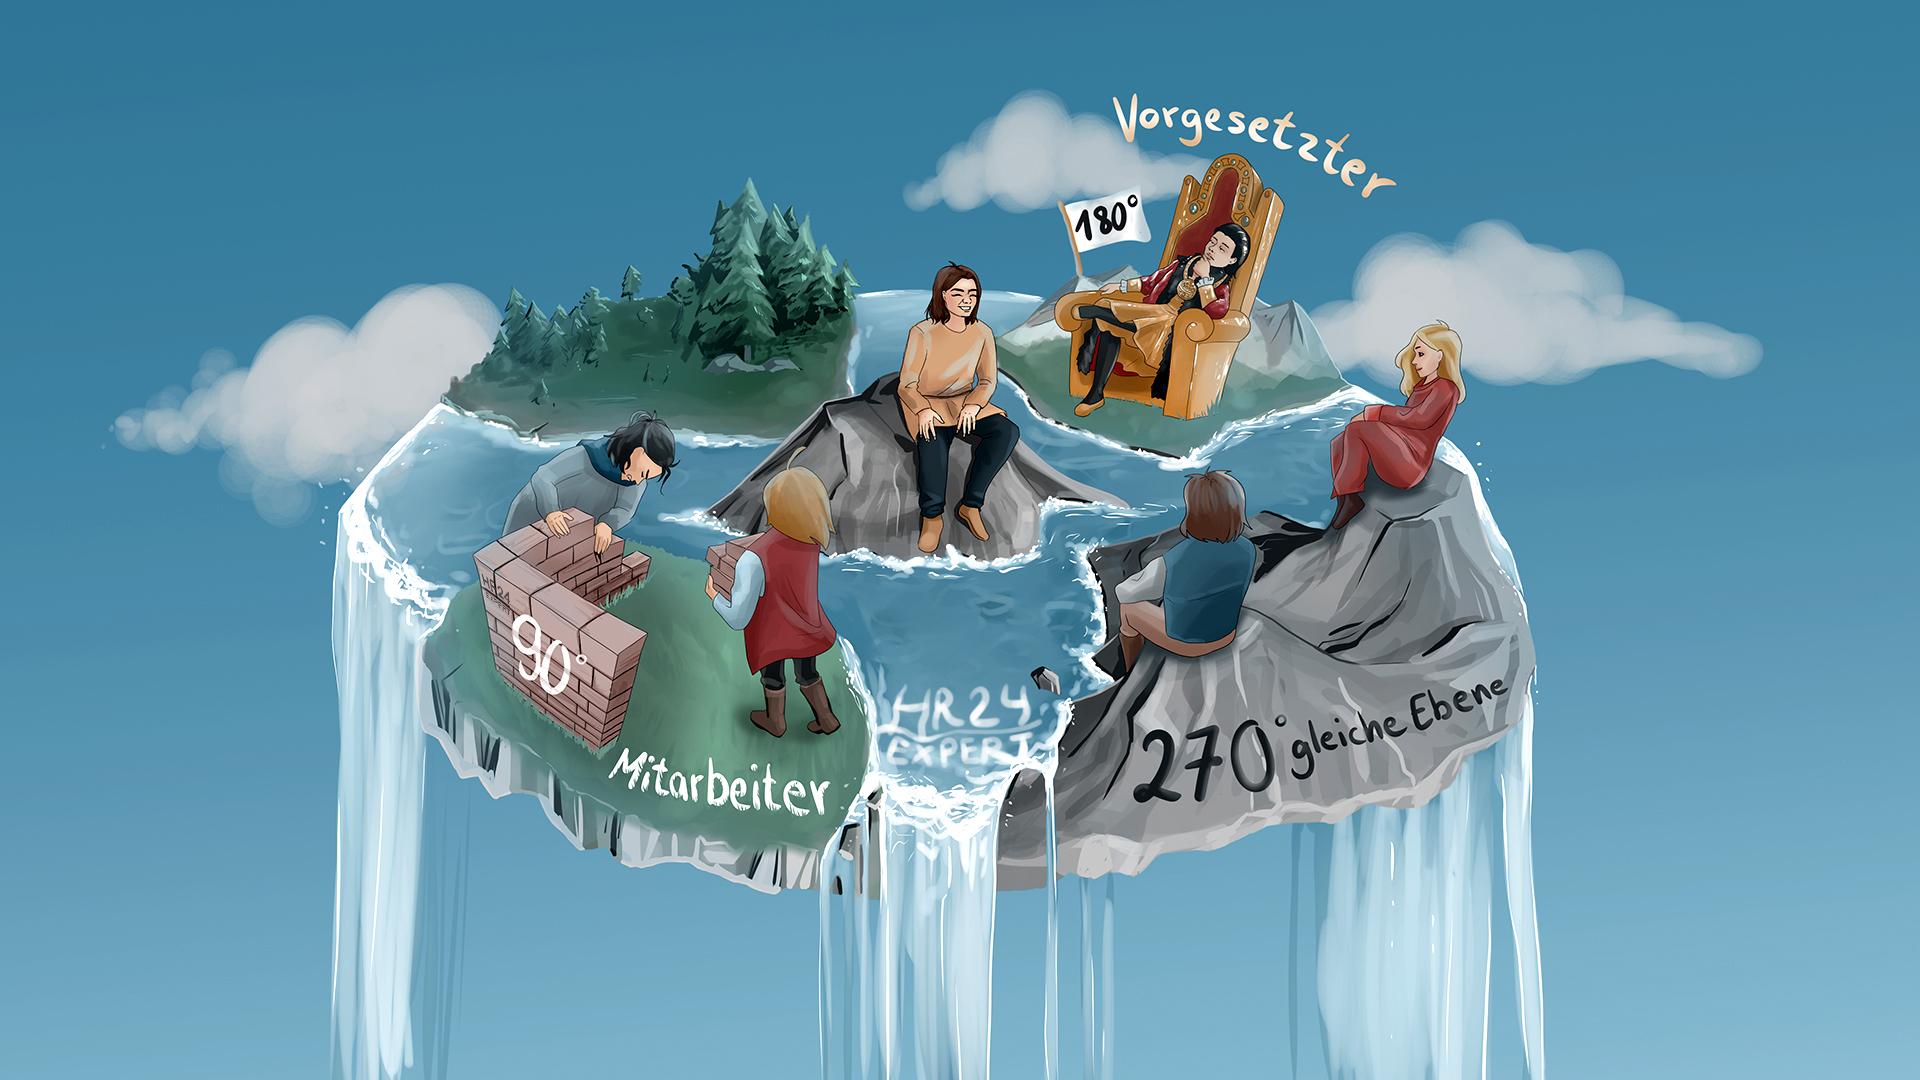 Feedbacknehmer, Mitarbeiter, Vorgesetzter und Kollegen auf gleicher Ebene sind am 270 Grad Feedback beteiligt.